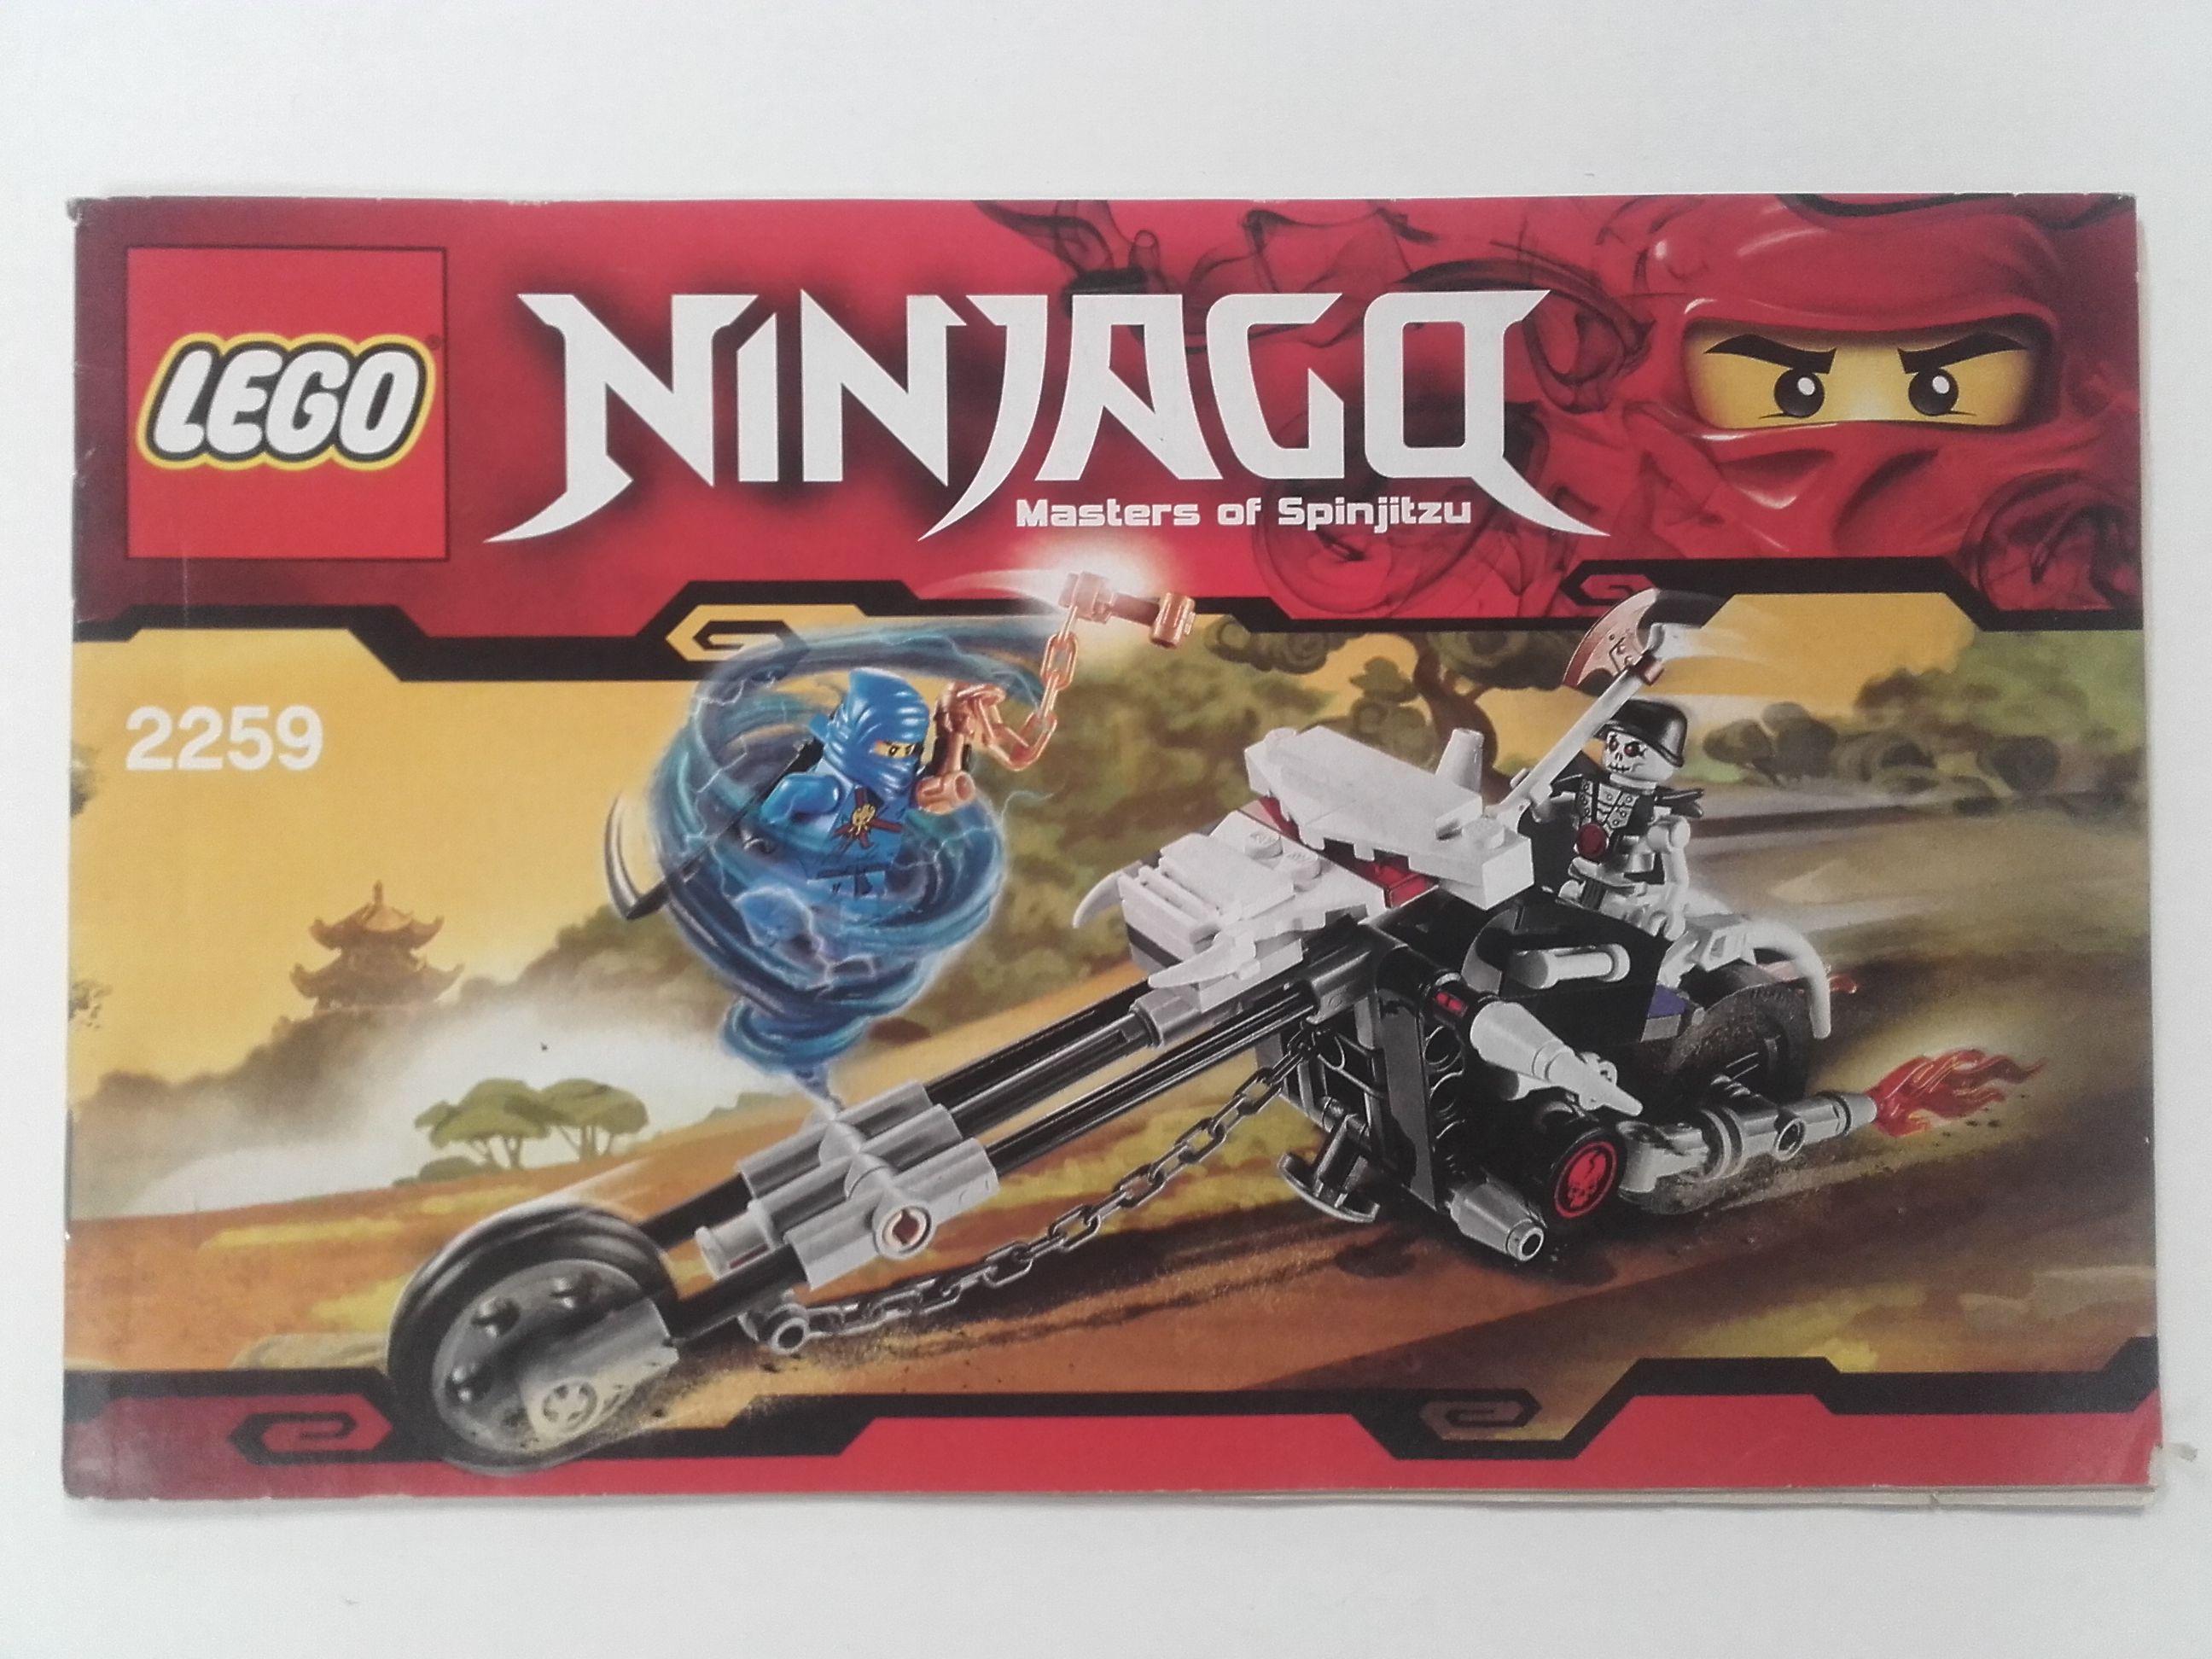 Lego Ninjago – Összeszerelési útmutató 2259